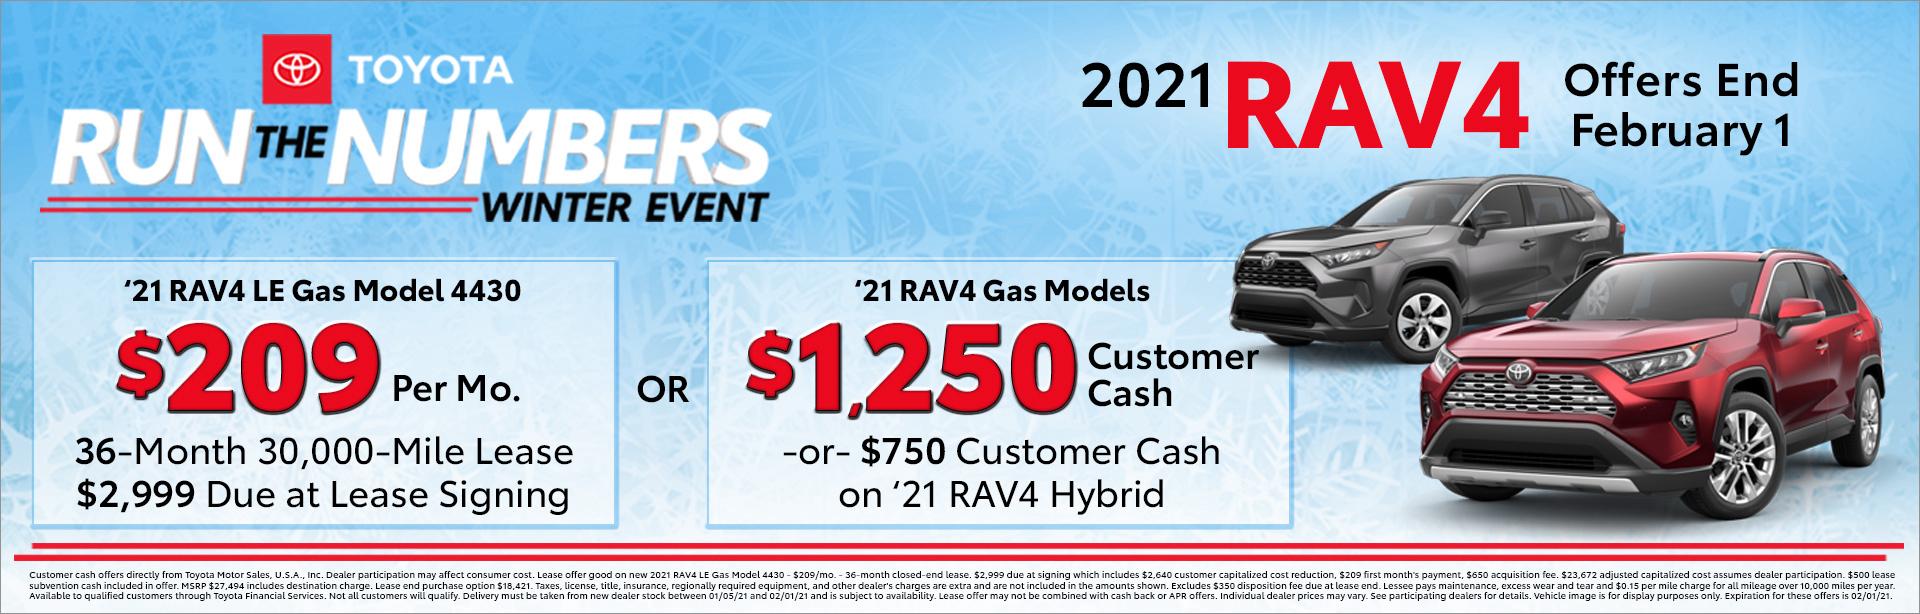 01-21_01_Cincinnati-January-2021-CIN-RAV4-Run-The-Numbers-_1920x614_9c4e_RAV4_O_xta.jpeg